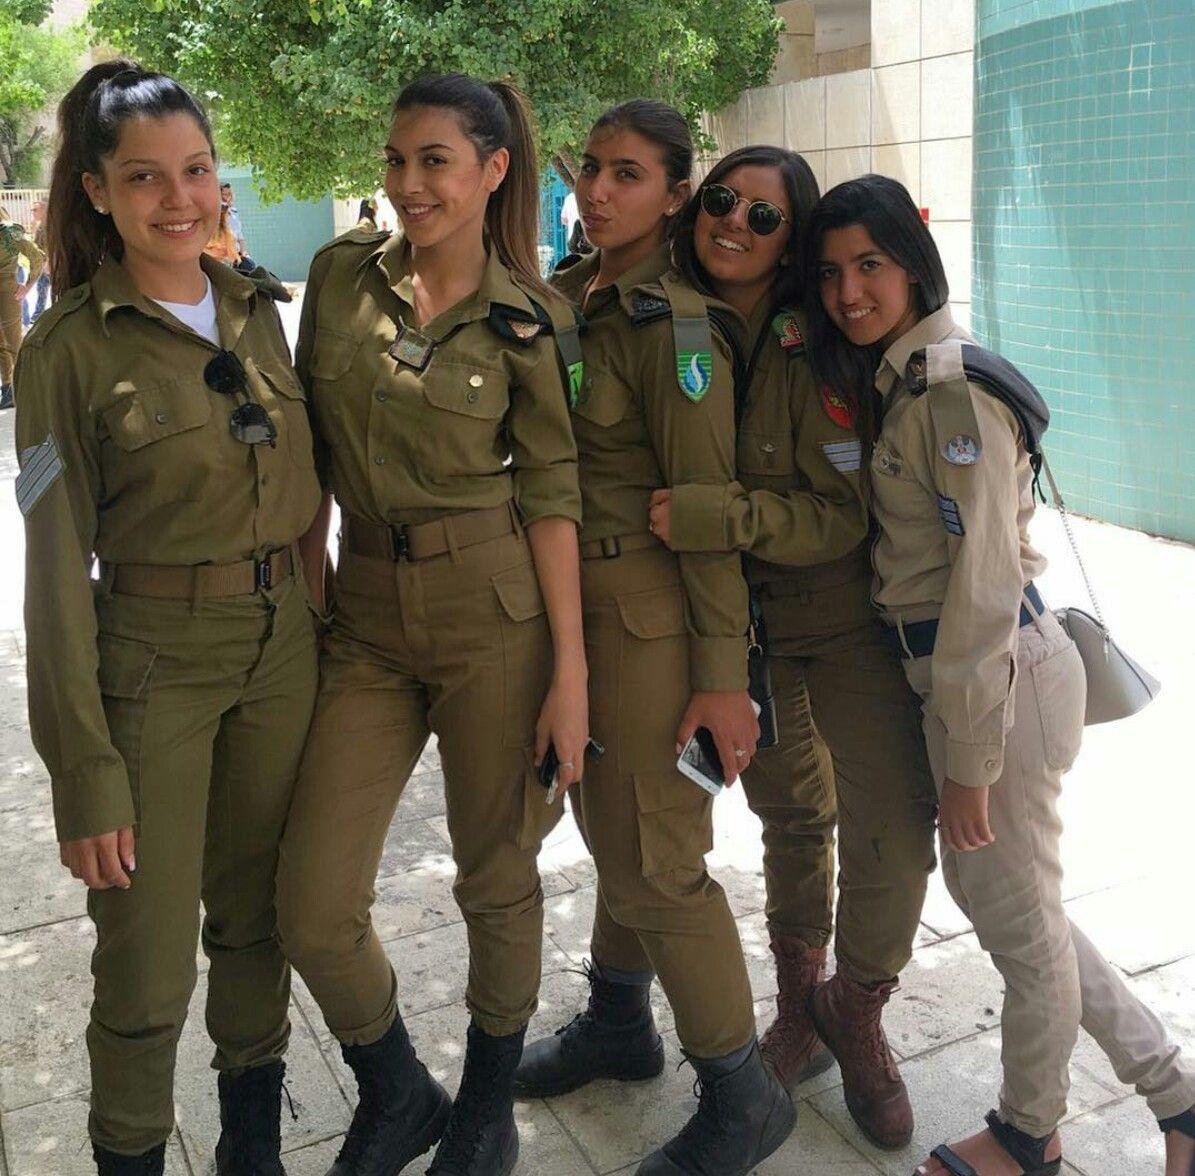 Tentara wanita israel pajang foto 70